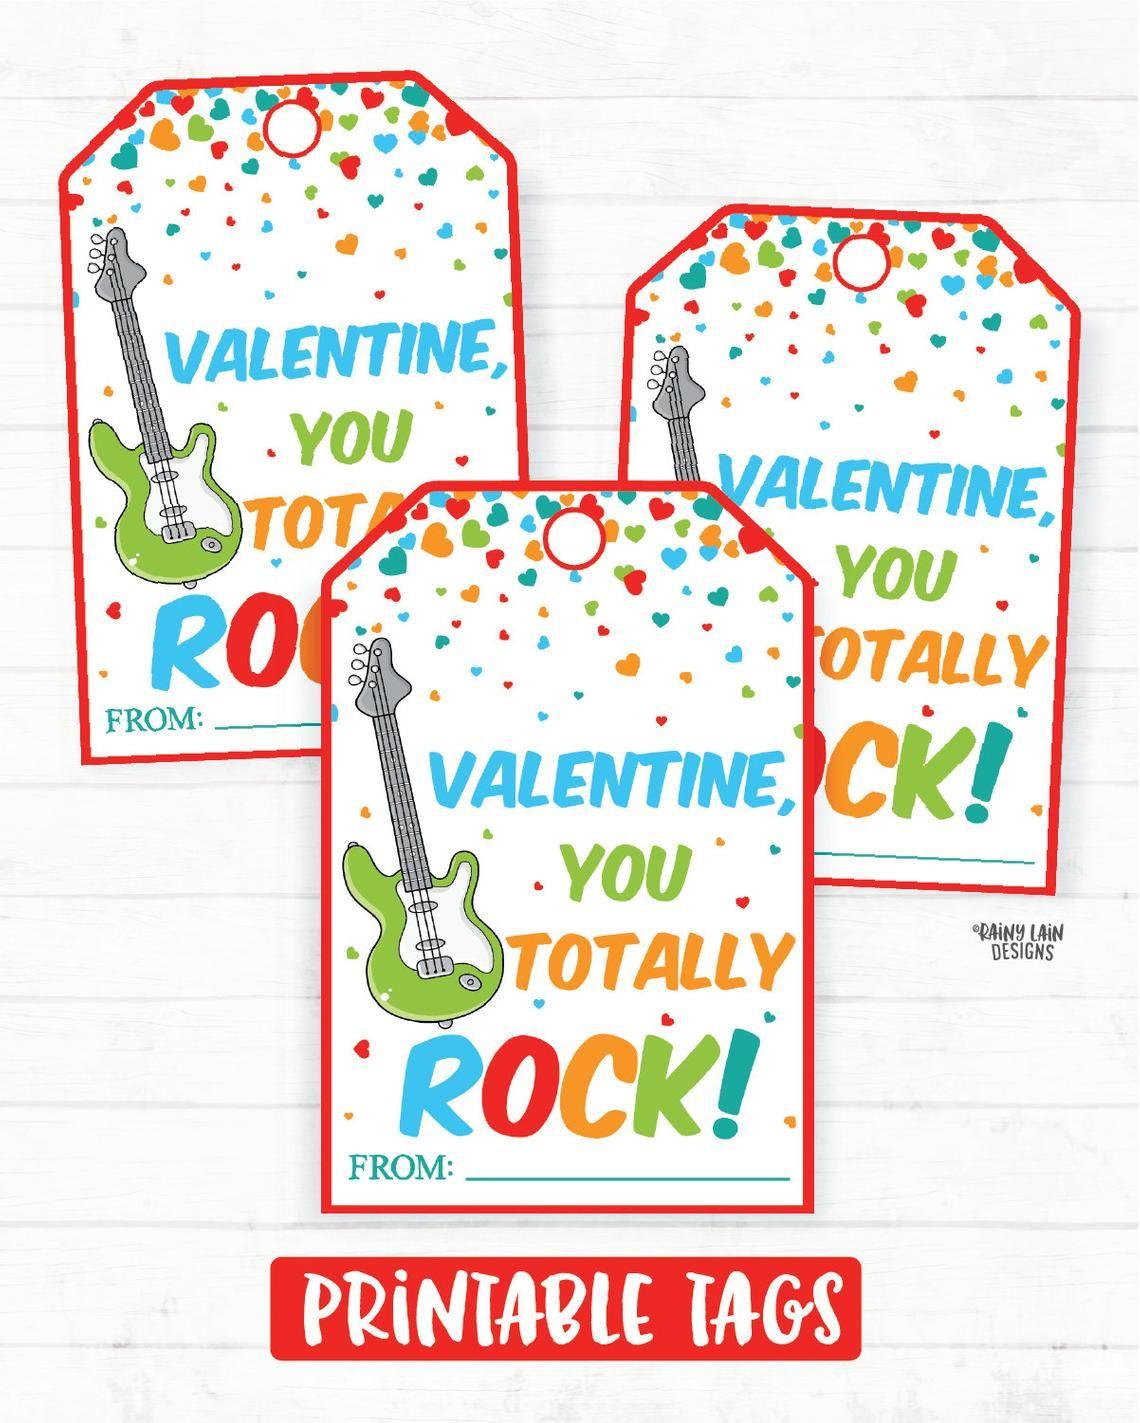 photo regarding Pop Rocks Valentines Printable called Oneself Rock Valentine, Guitar Valentine, Pop Rocks Valentine